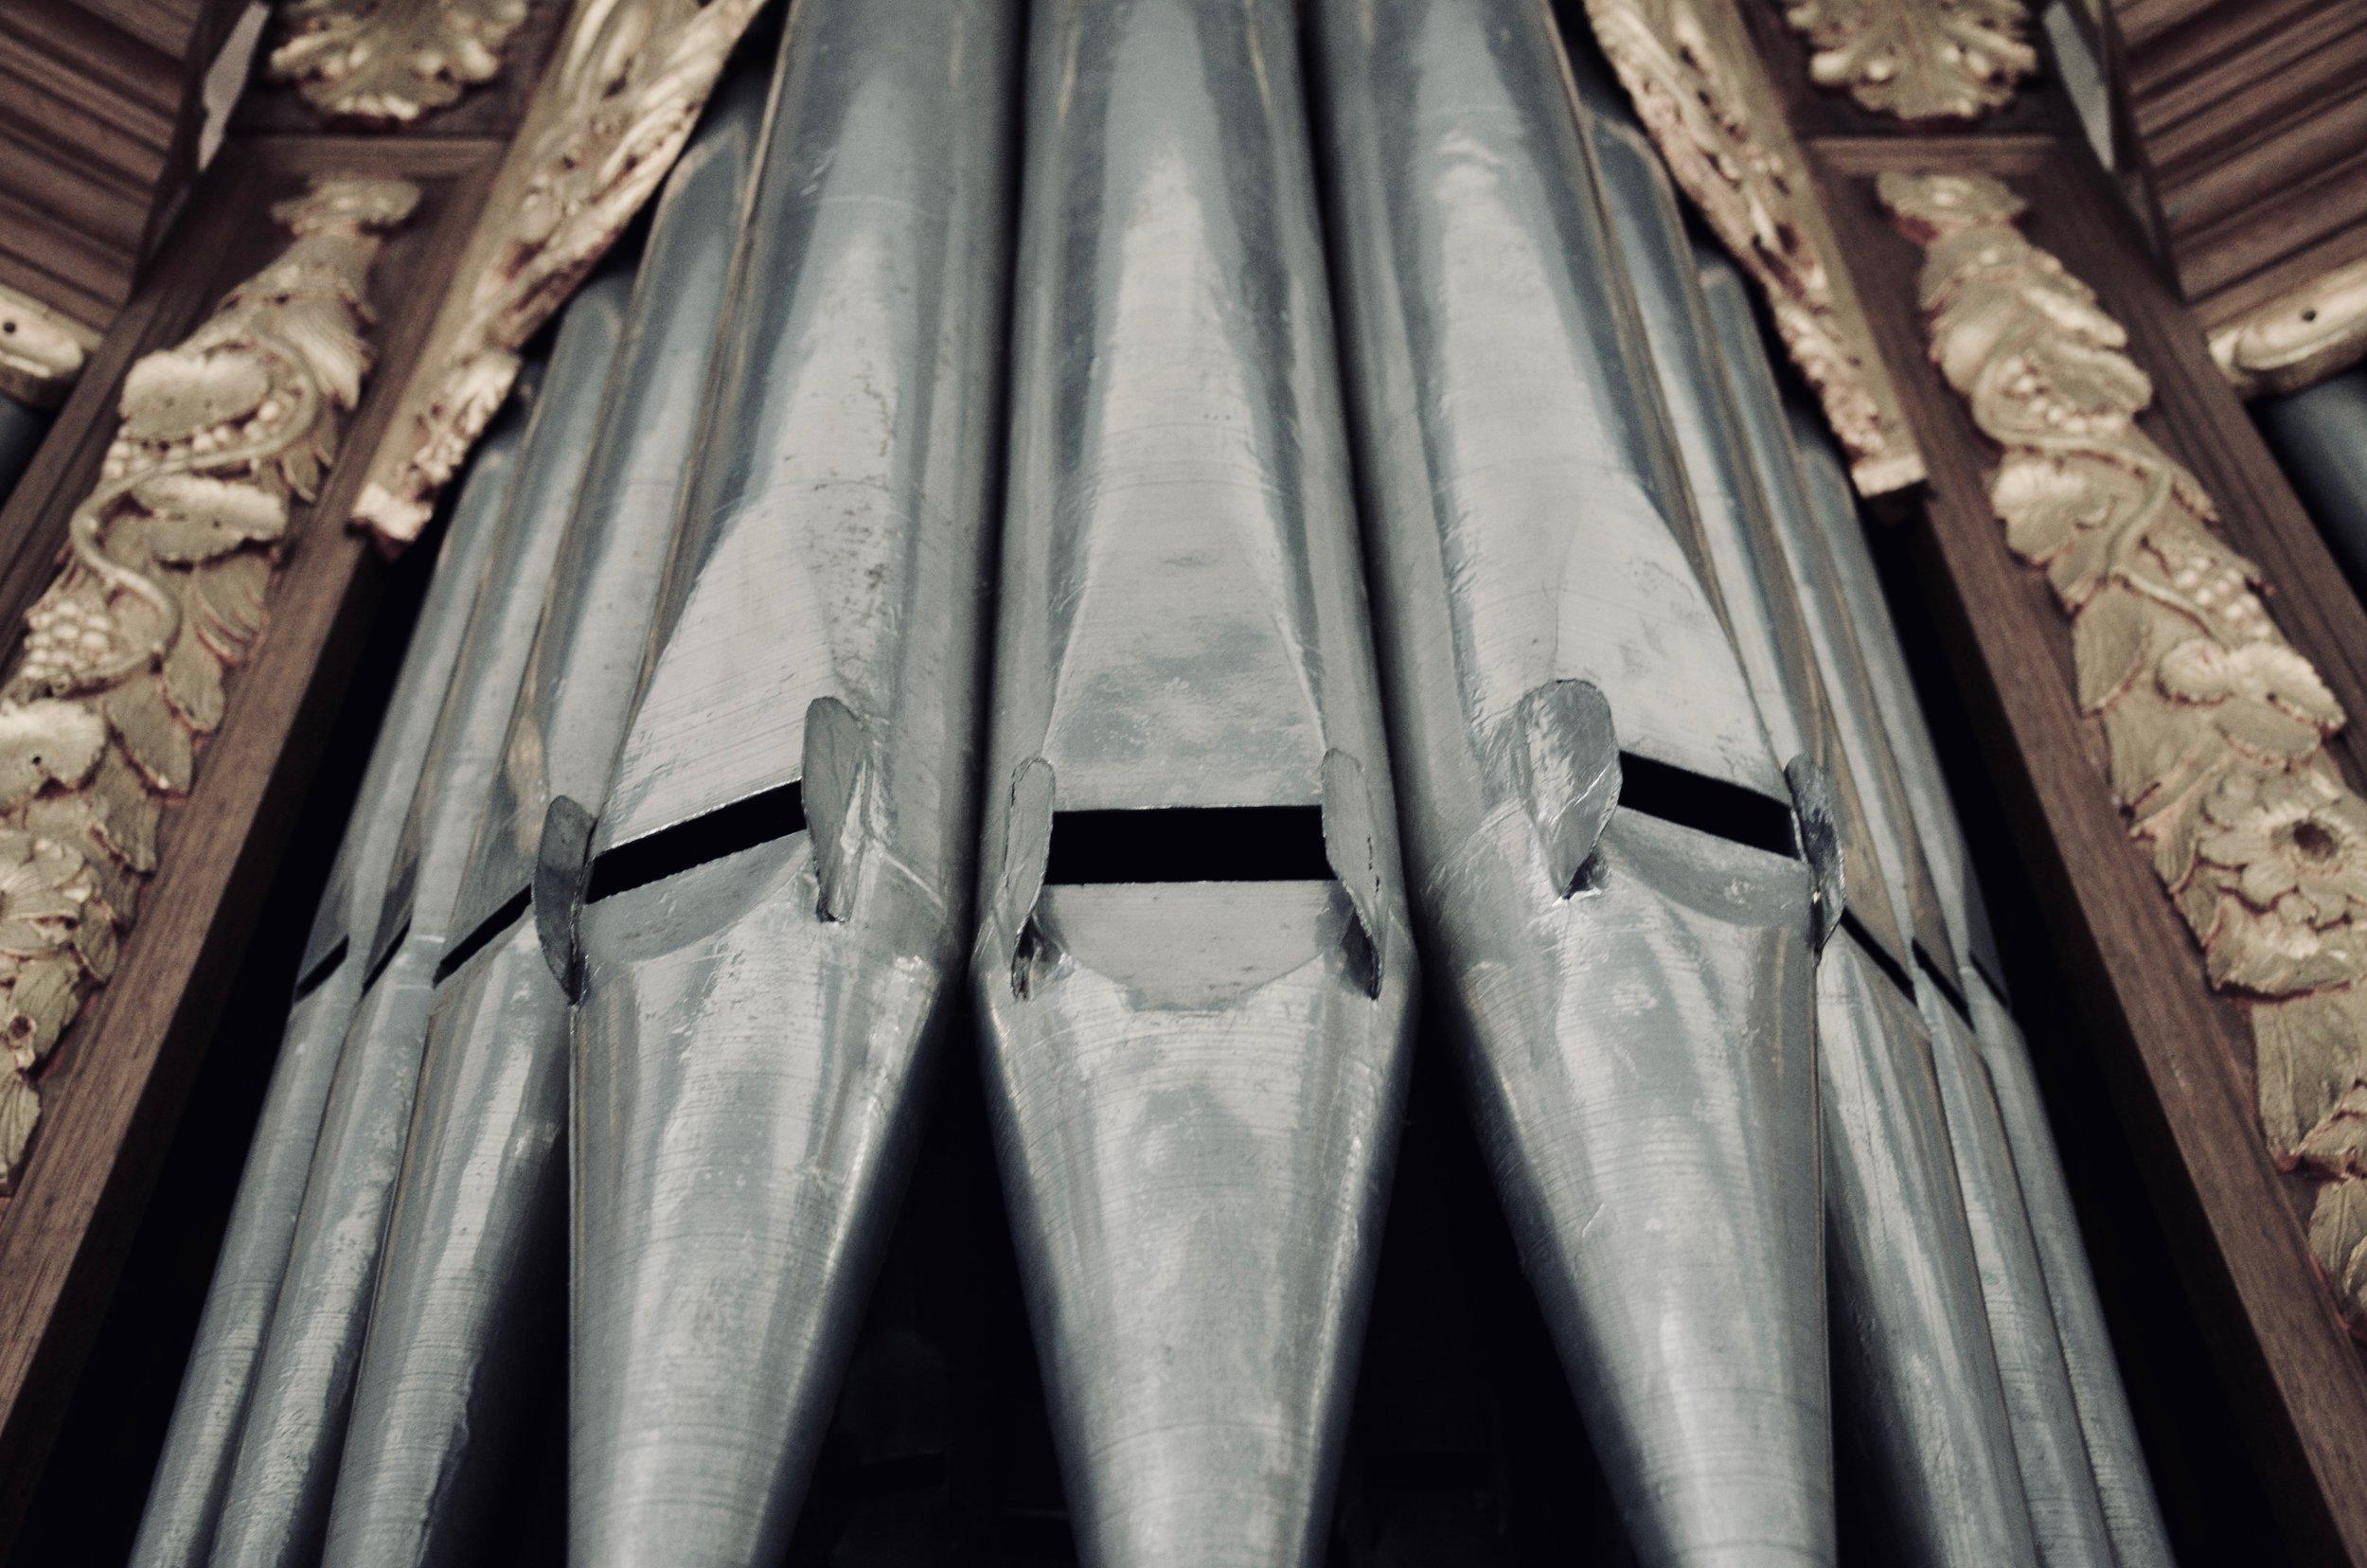 Pipework detail, 1667 pipe organ in Kantens, Holland.